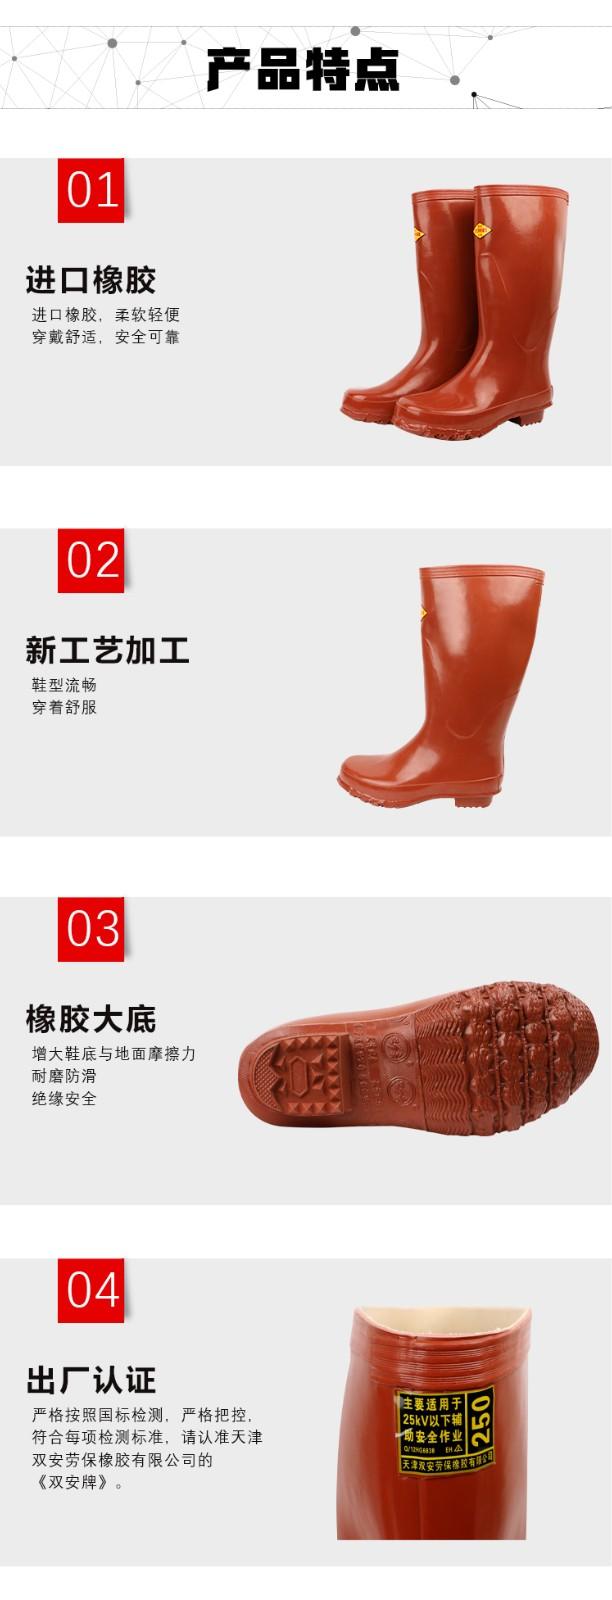 双安 25KV橡胶长筒绝缘靴36cm-38